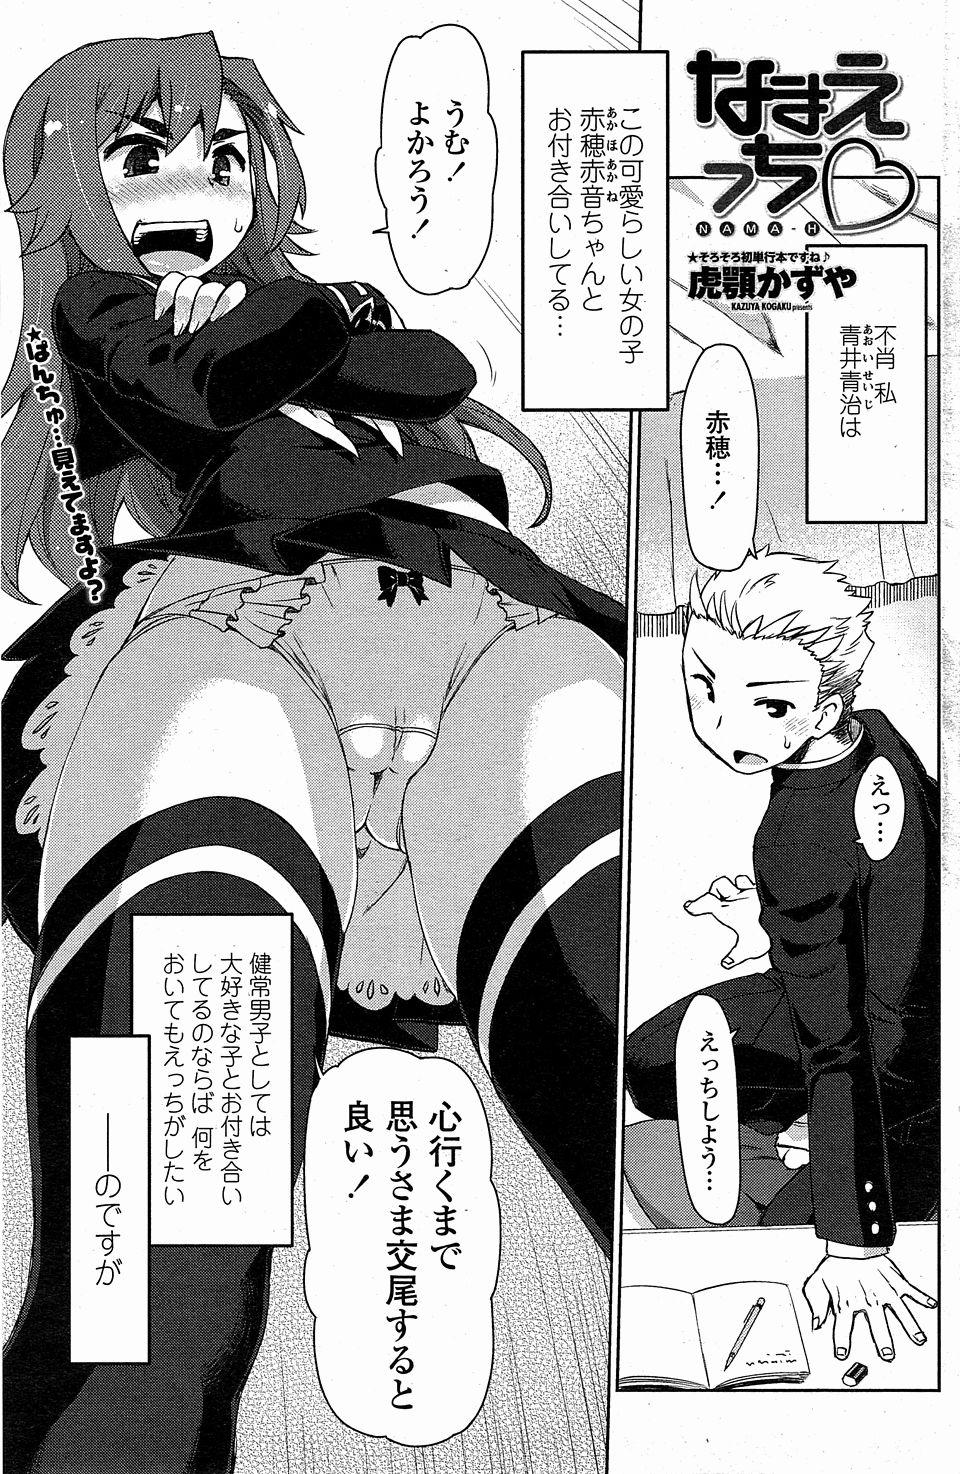 【エロ漫画・エロ同人誌】ちっぱい女子校生な彼女のデレを引き出そうと頑張る彼氏w結局ラブラブな雰囲気でセックスしたらデレてるしwww (1)